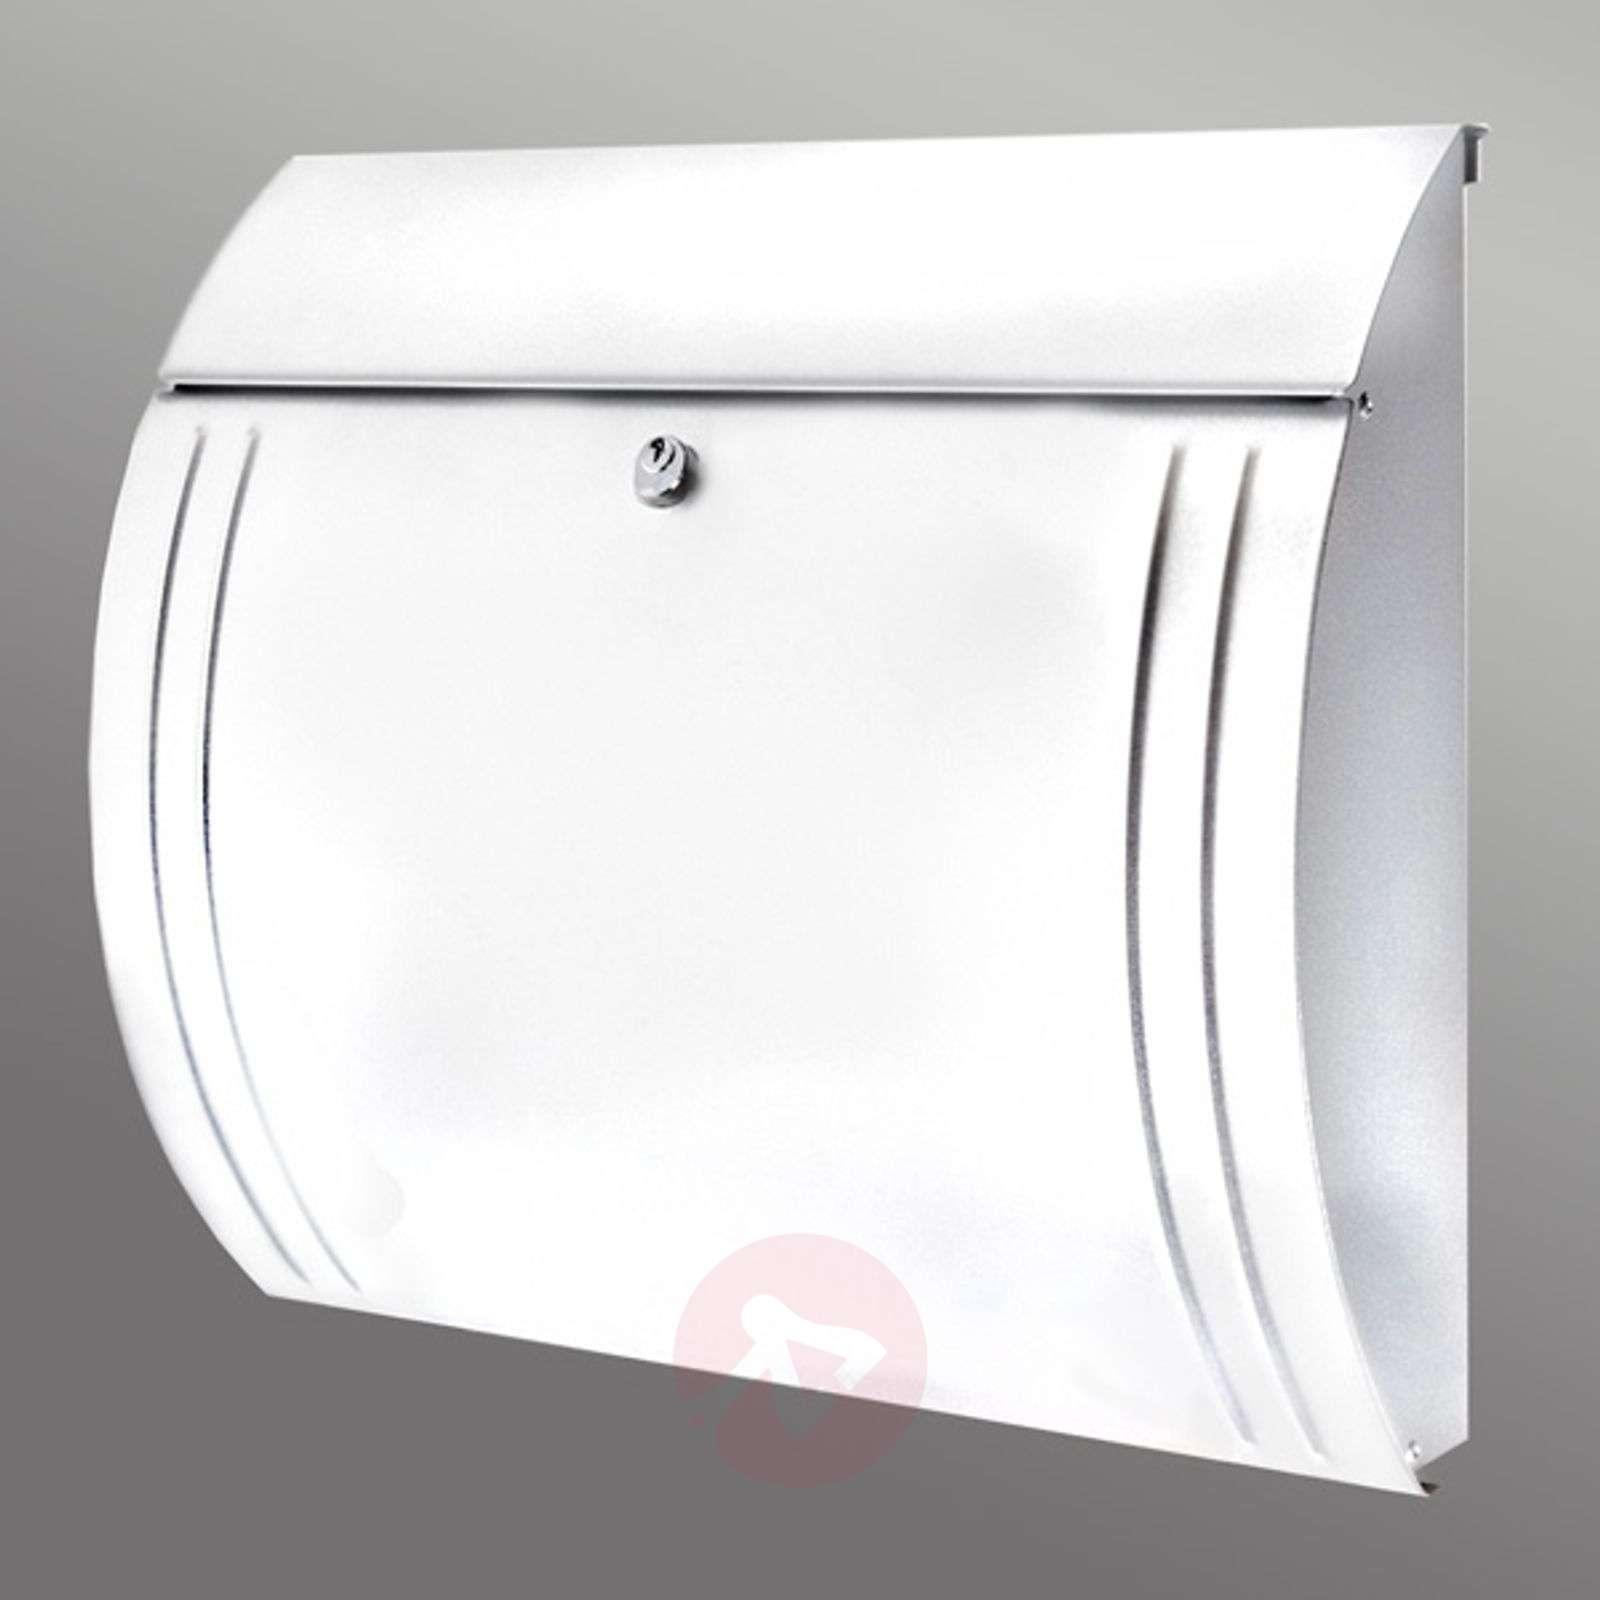 Modena letterbox_1532059_1